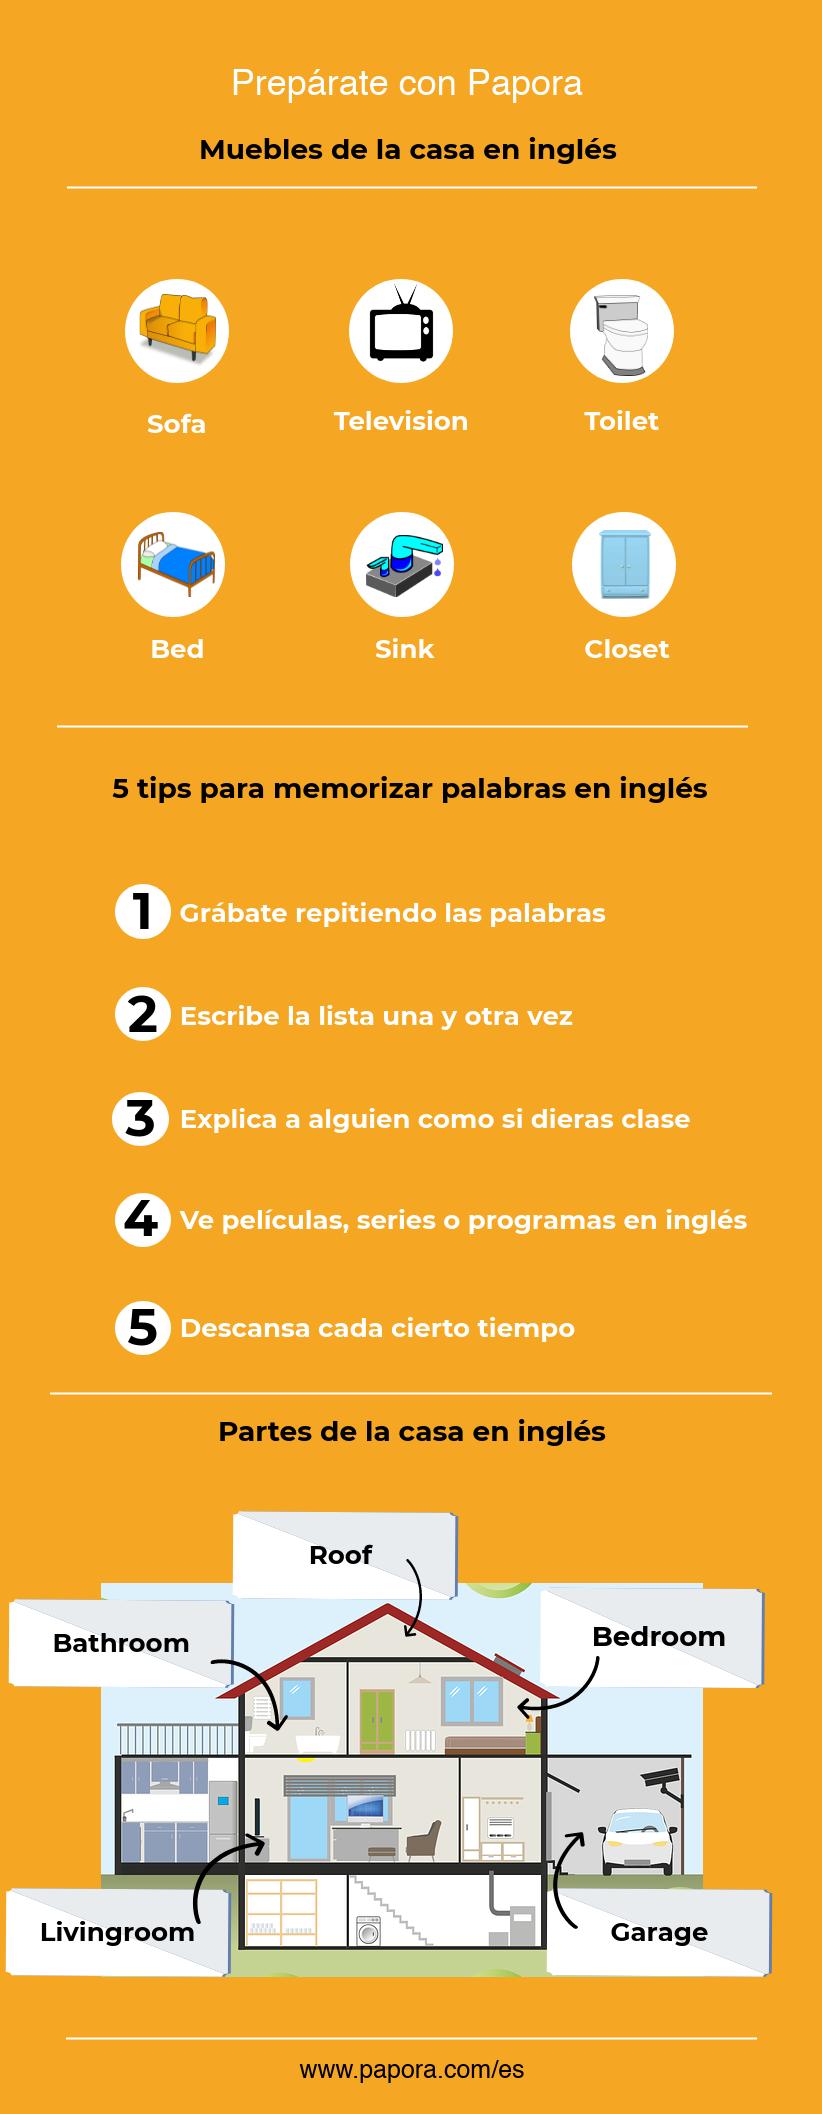 59 partes de una casa en ingles: aprende vocabulario con Papora